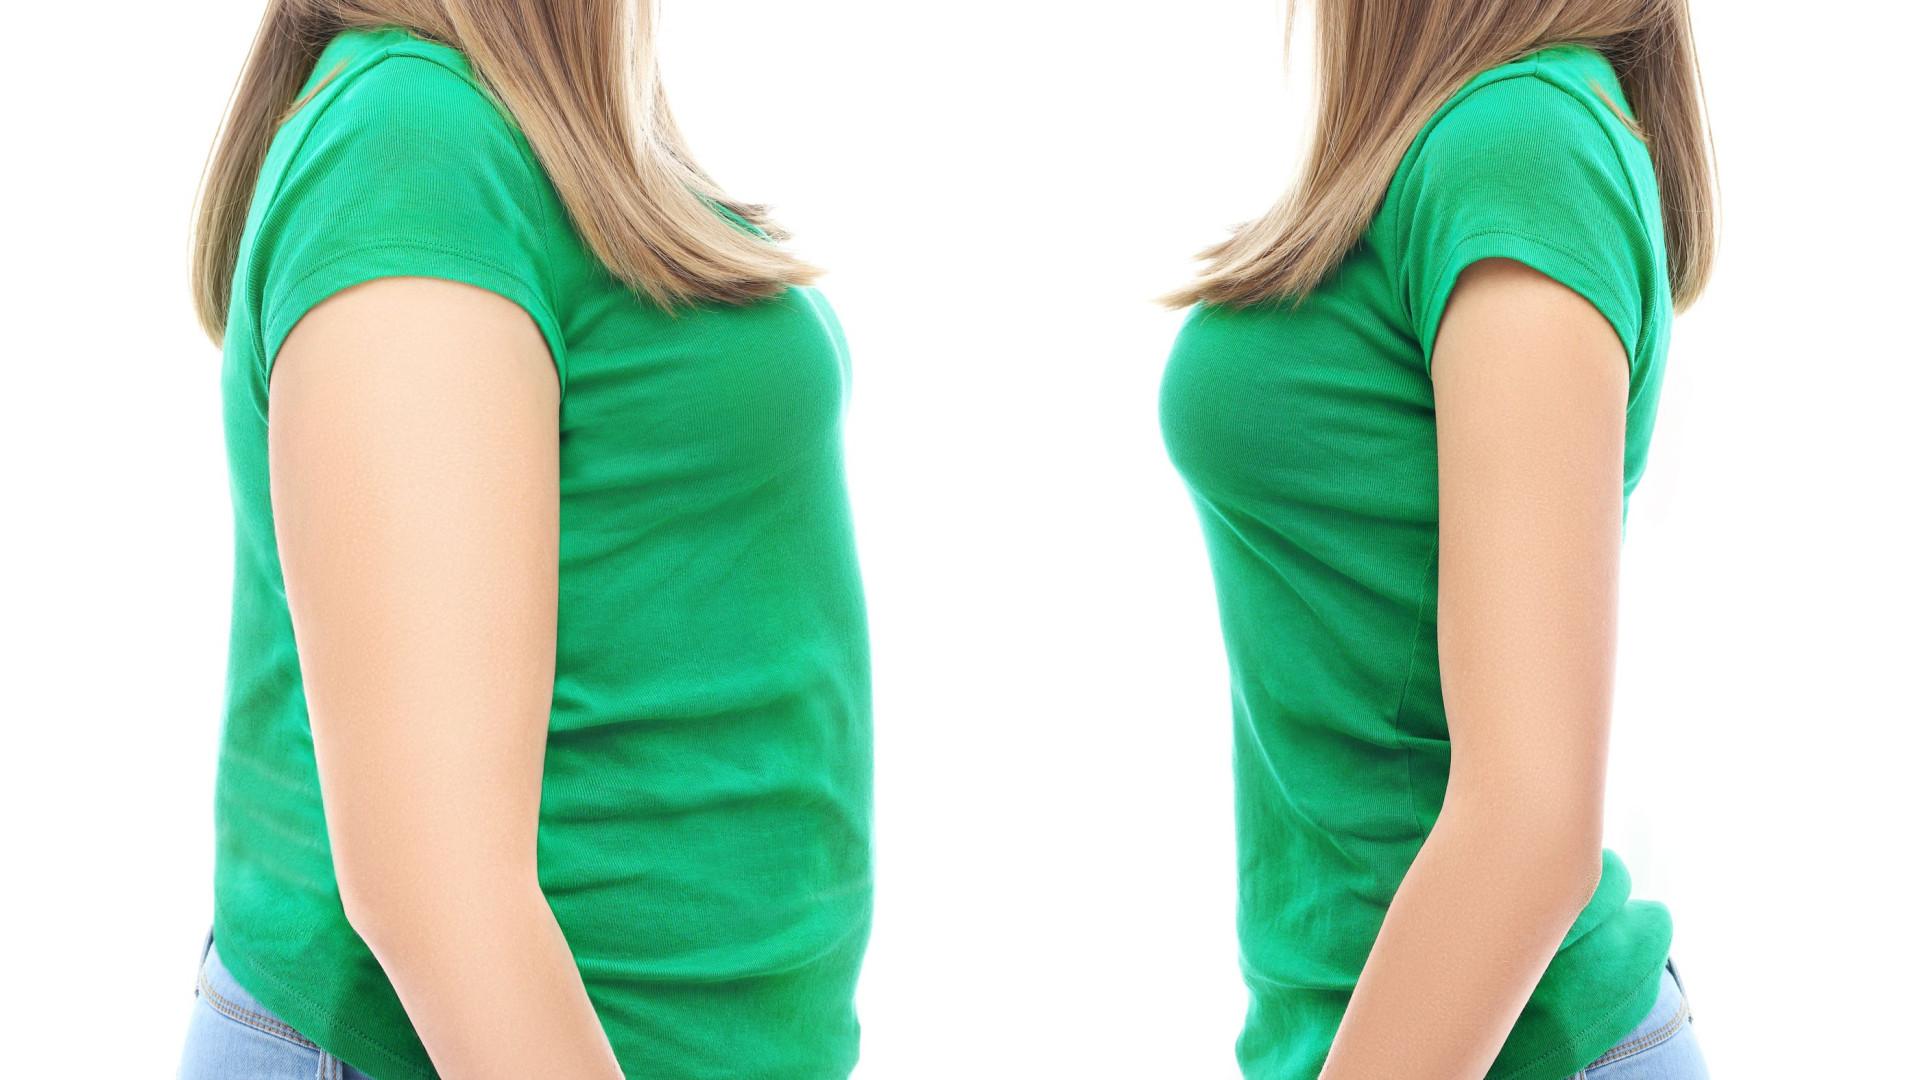 Injeção única poderá curar obesidade e diabetes de tipo 2